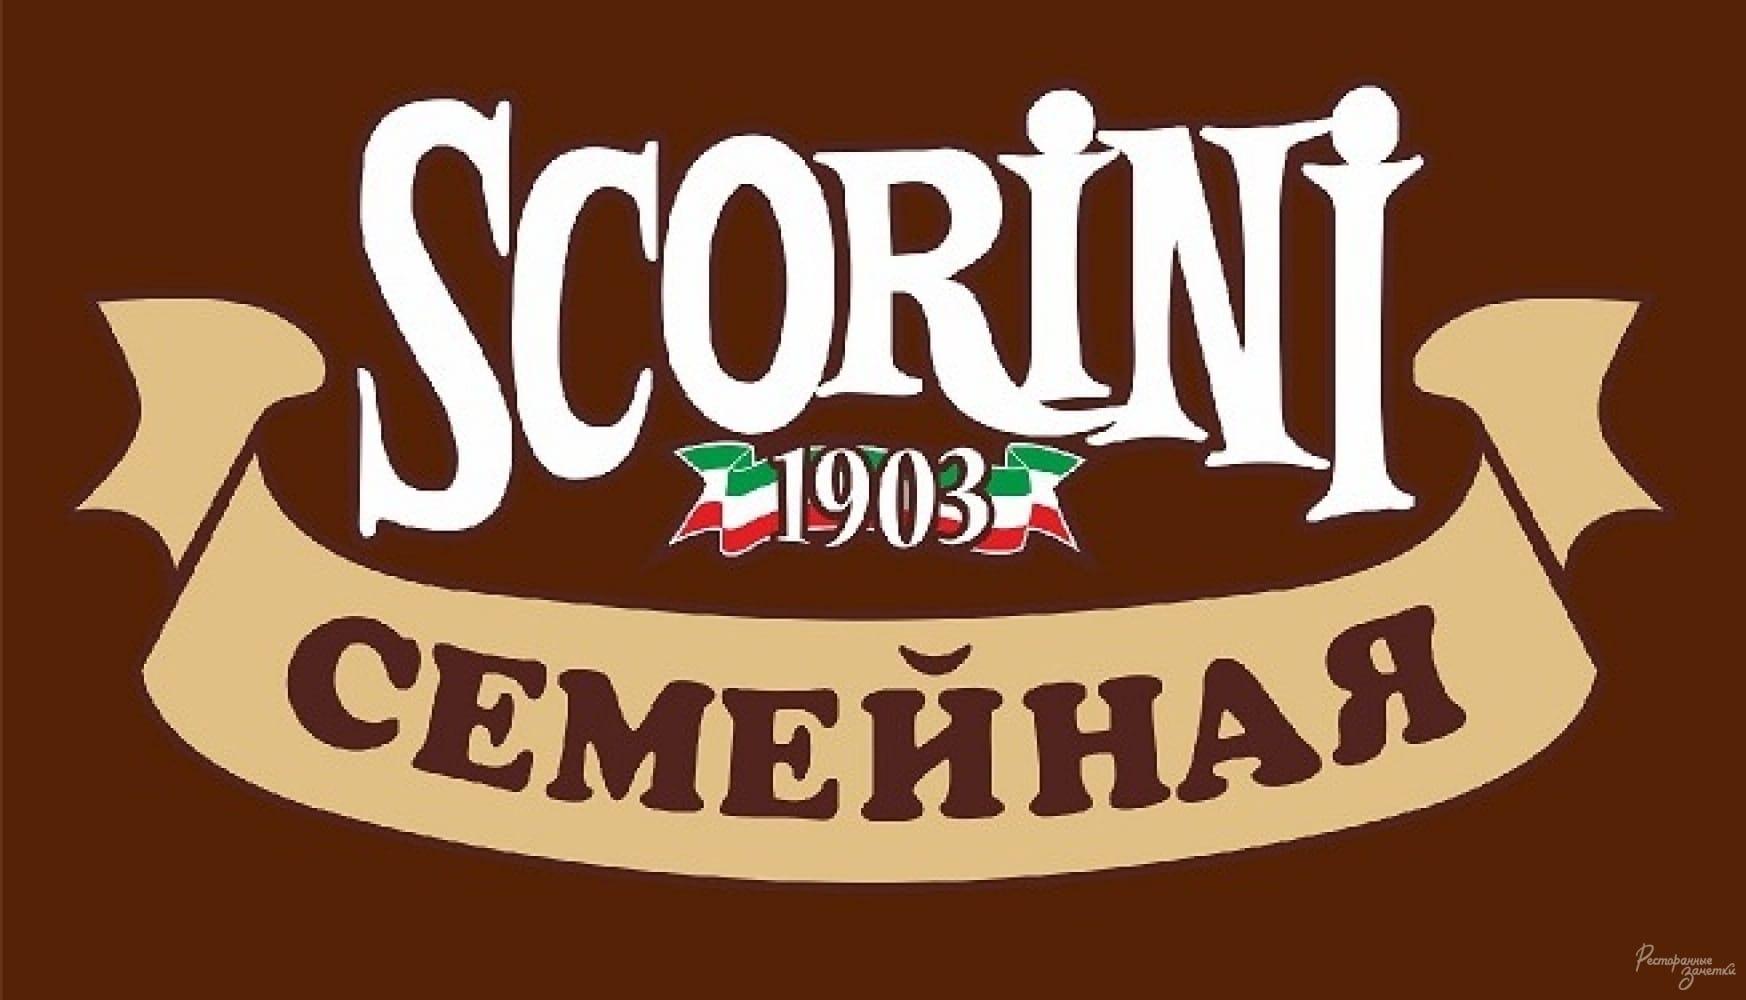 Пиццерия Scorini Семейная кофейня-пиццерия в ТРЦ Украина, Харьков